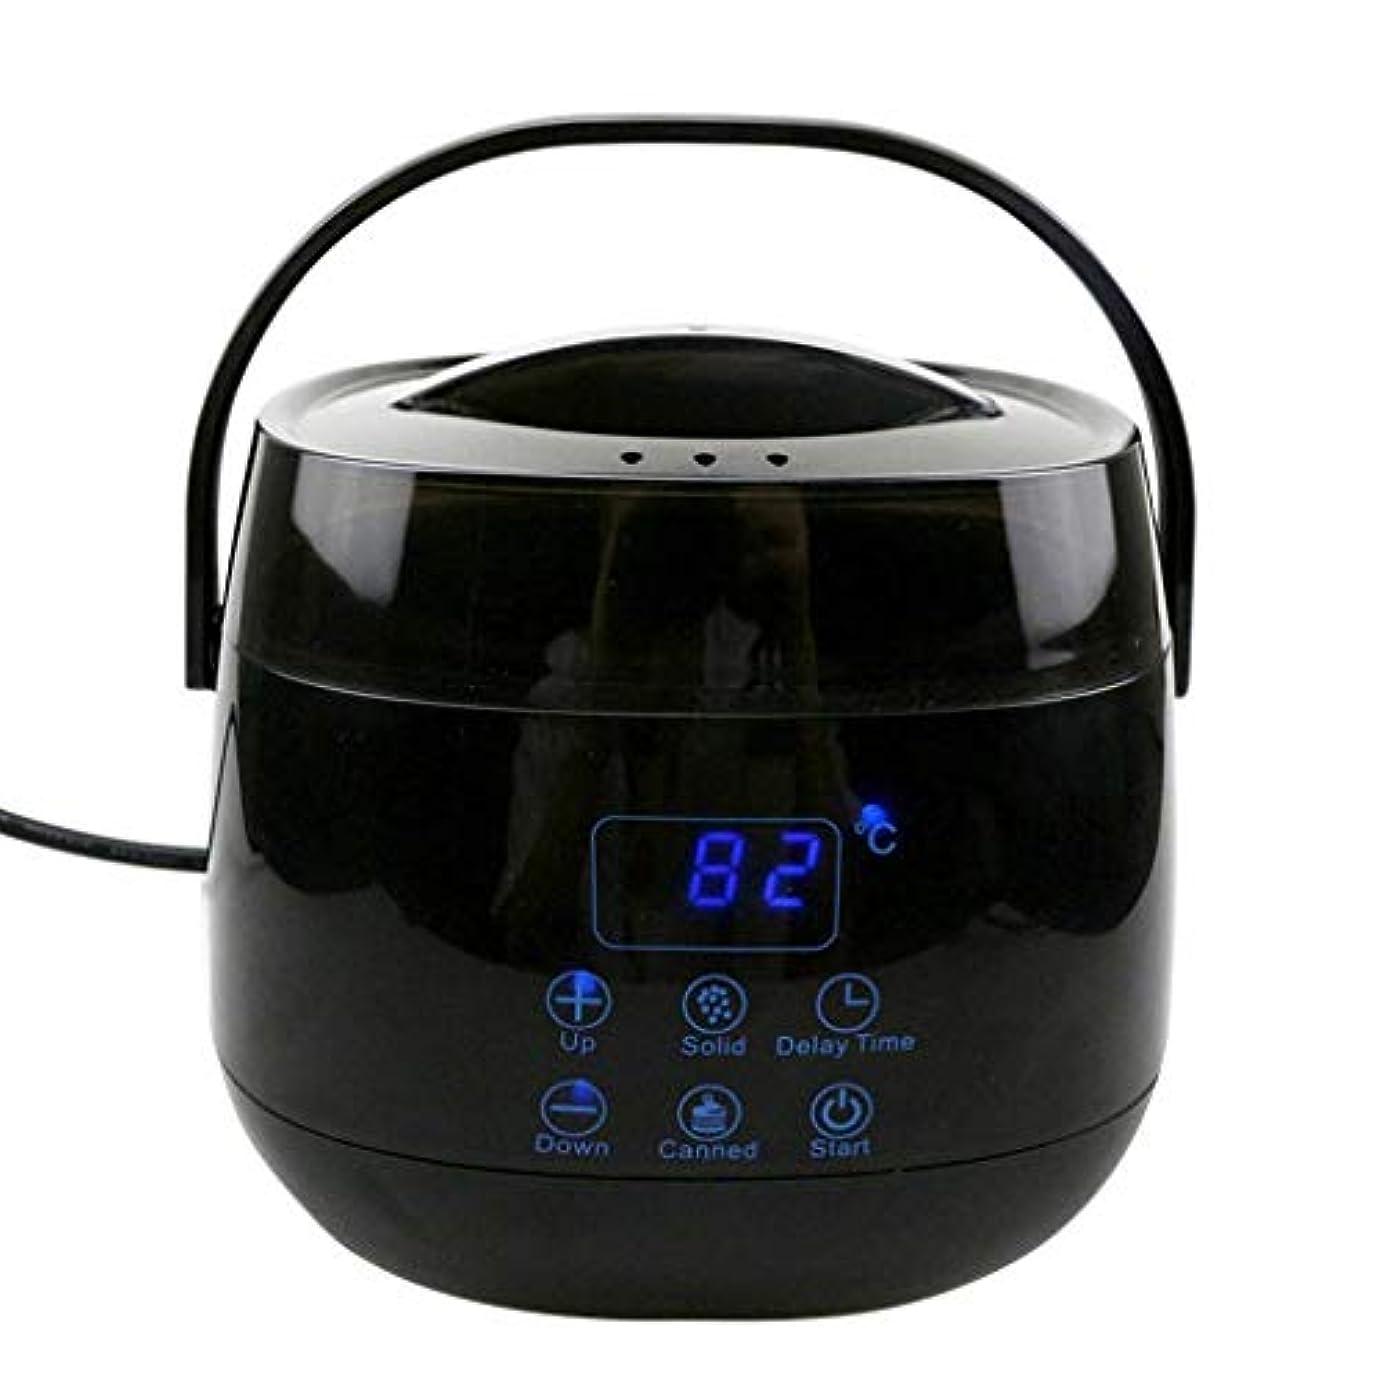 簿記係踏みつけ効果的ハードワックスLED表示ハードワックスワックスアプリケーターは、インテリジェント温度ワックスウォーマーワックスがけアプリケーターコントロールシステムタッチボタン急速融解スティック